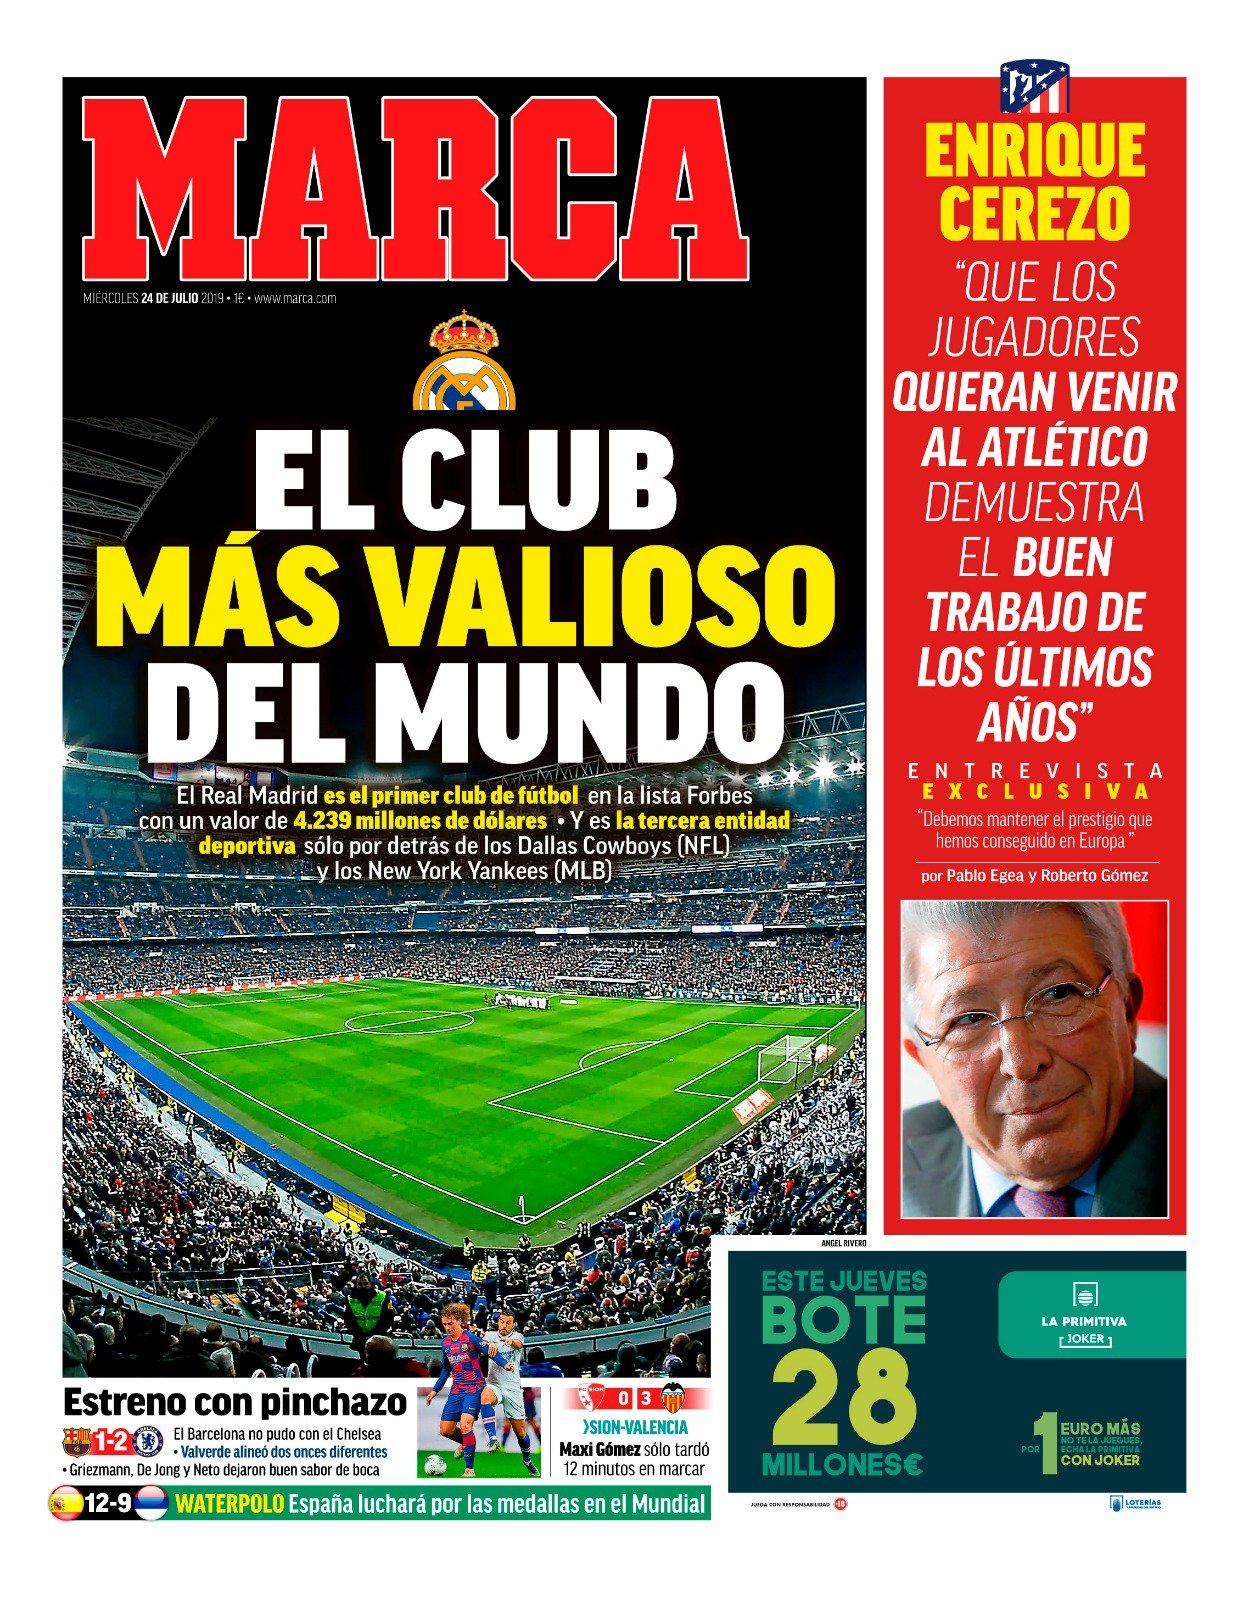 #LaPortada 'El club más valioso del mundo' https://t.co/hfqs0eh5LB